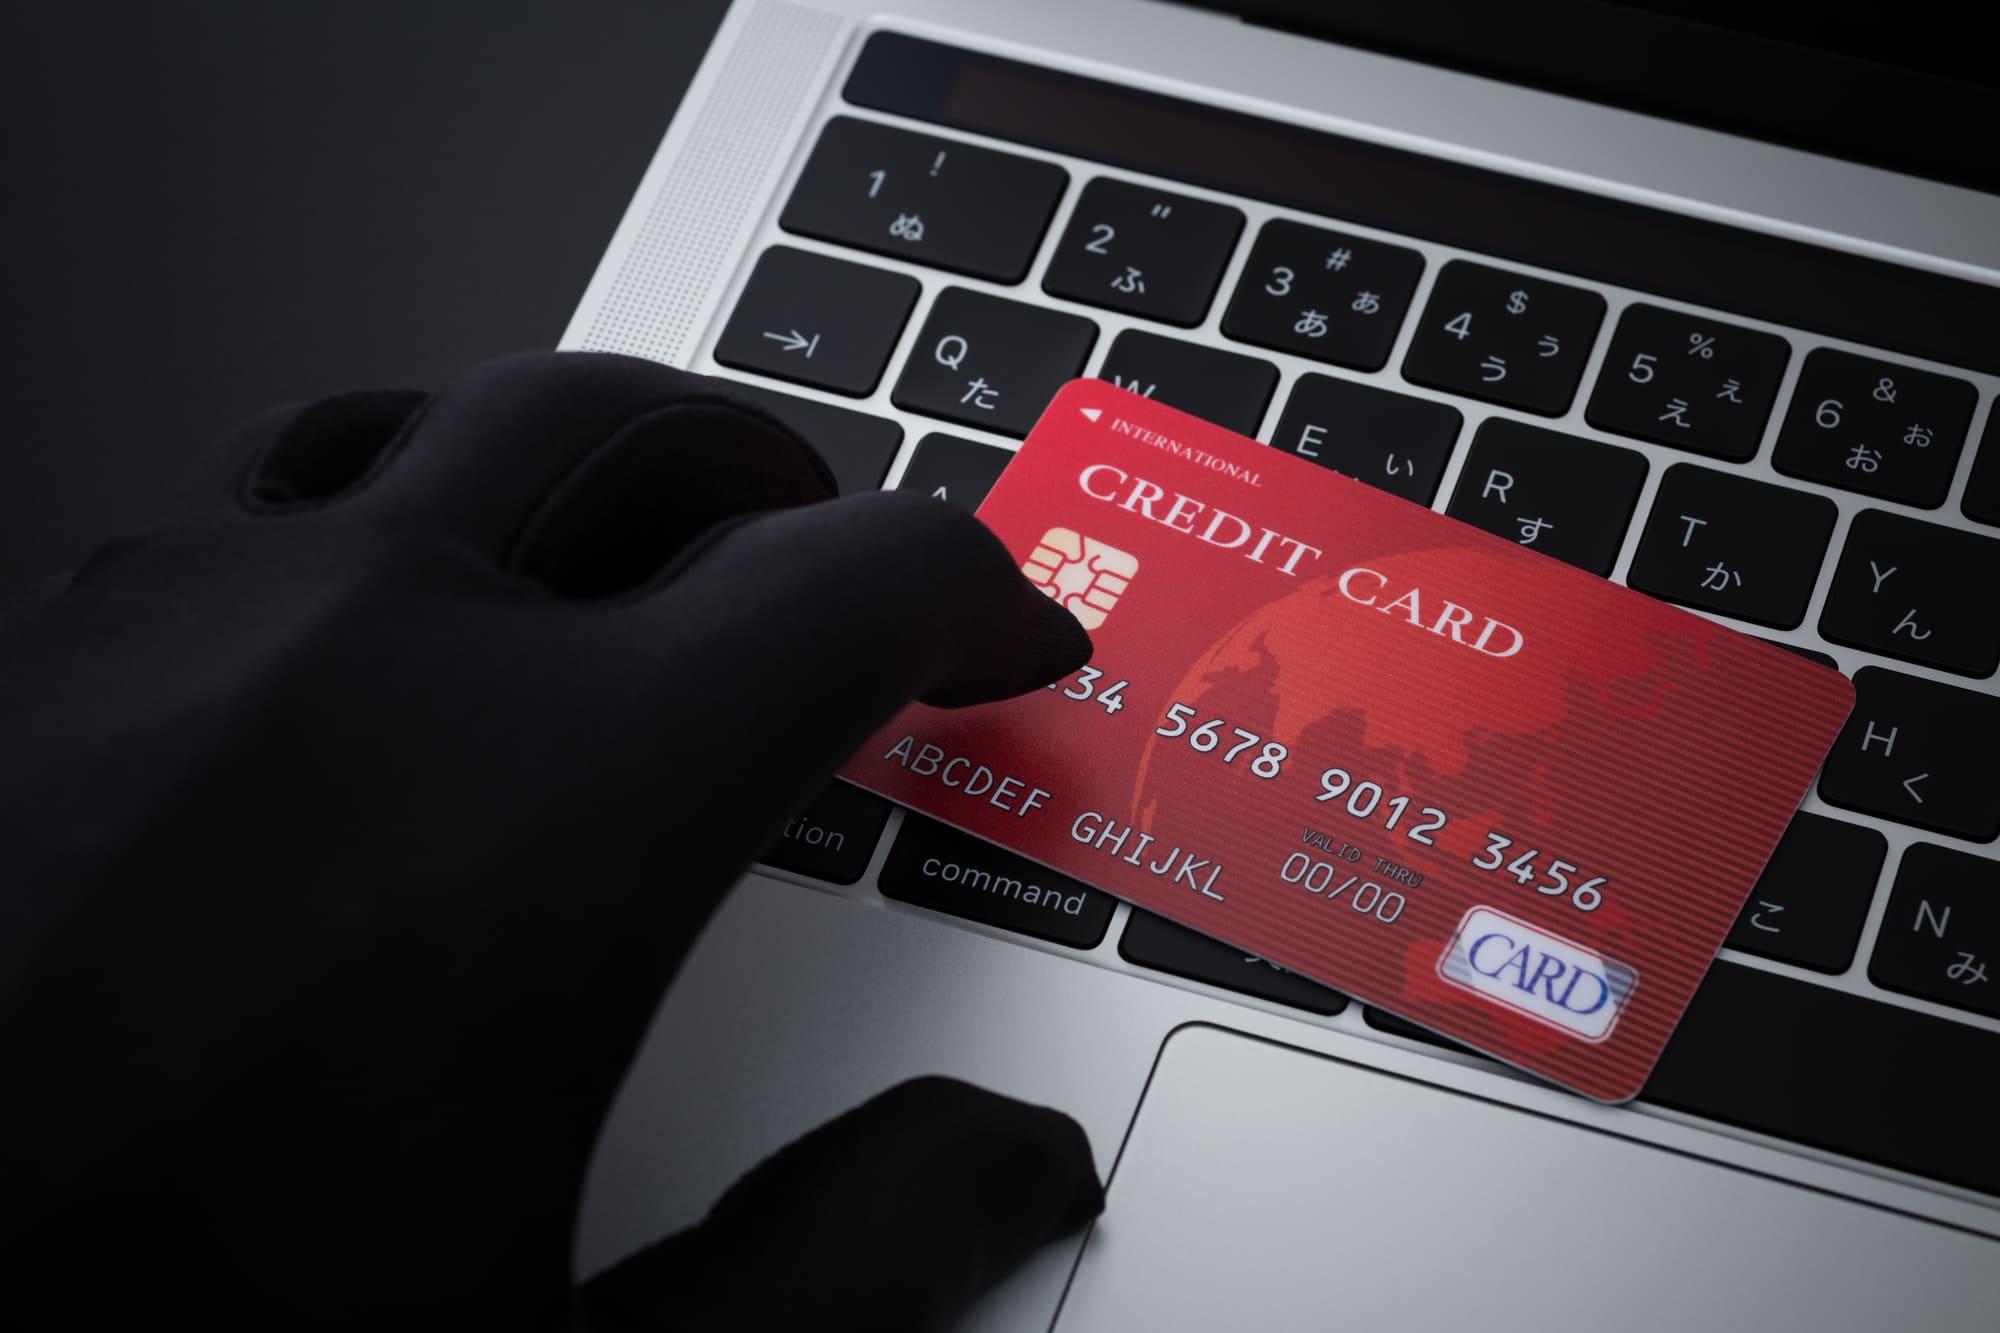 法人カードのトラブルや防止策を知らないと危険?セキュリティに強い5つのカードもご紹介